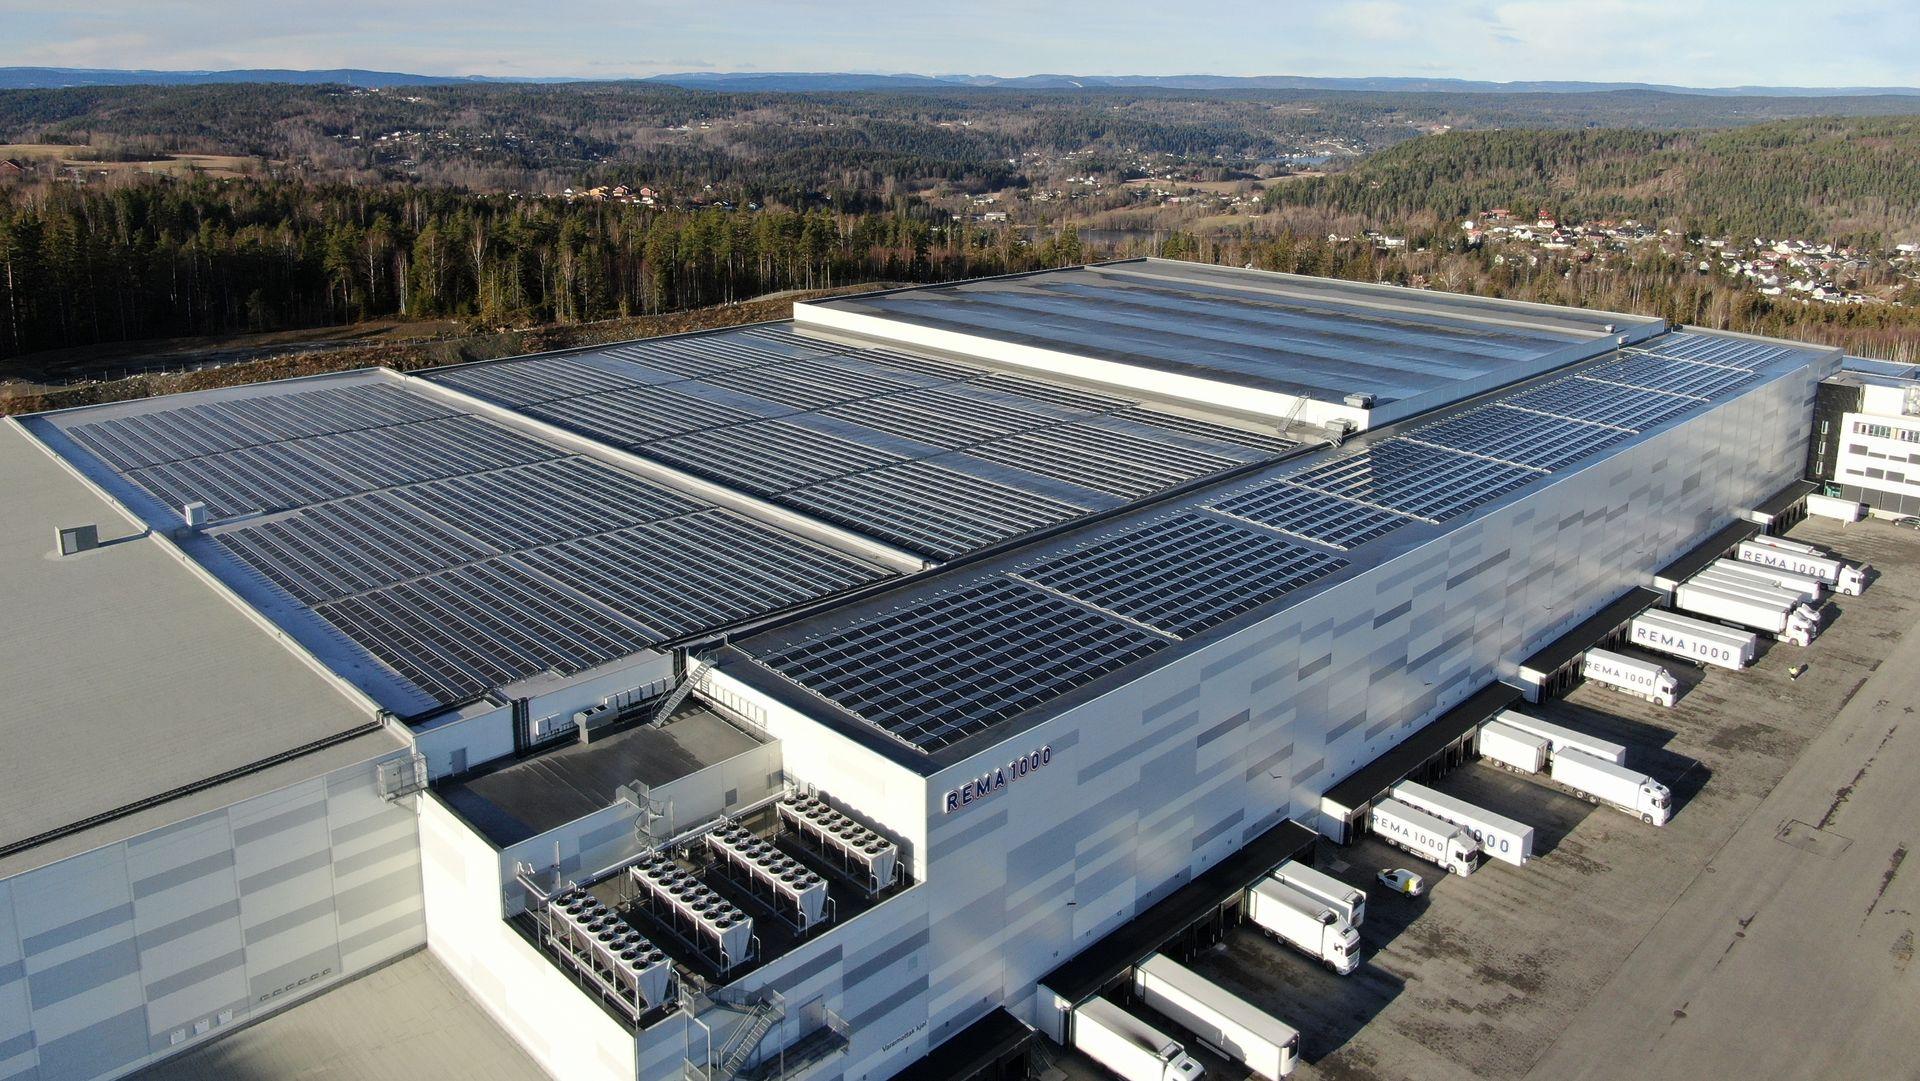 SOLSKINNSHISTORIE: Gjennom en rekke innovative løsninger er det oppnådd en kostnadsbesparelse på hele 15 prosent på solcelleanlegget på REMA 1000s nye lagerbygg.